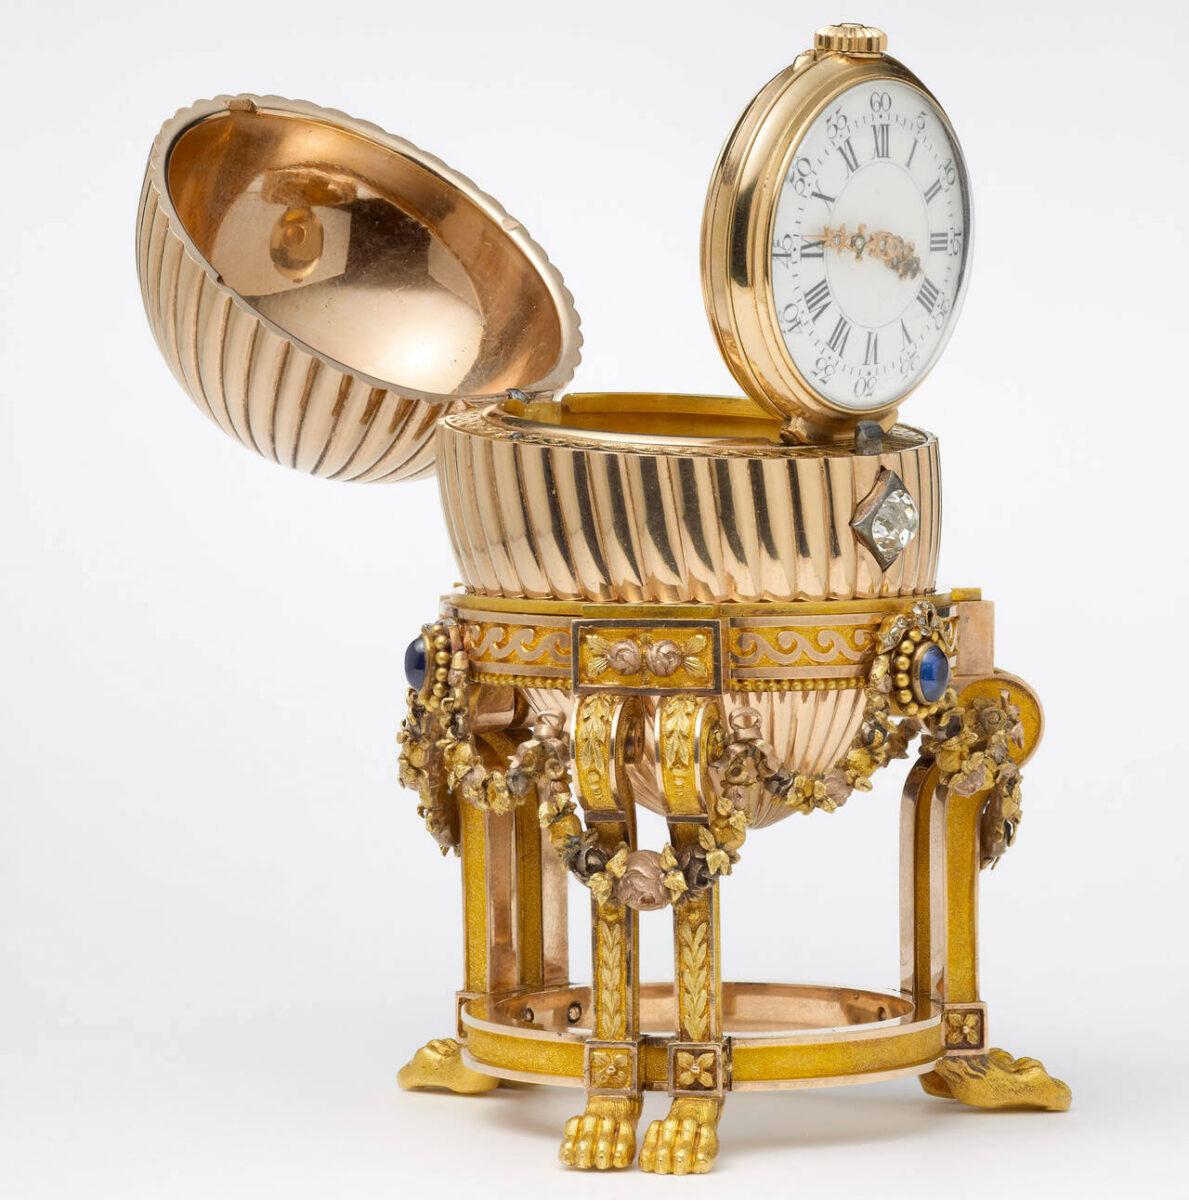 Αυγό Fabergé, χαμένο για δεκαετίες, θα παρουσιαστεί σε έκθεση